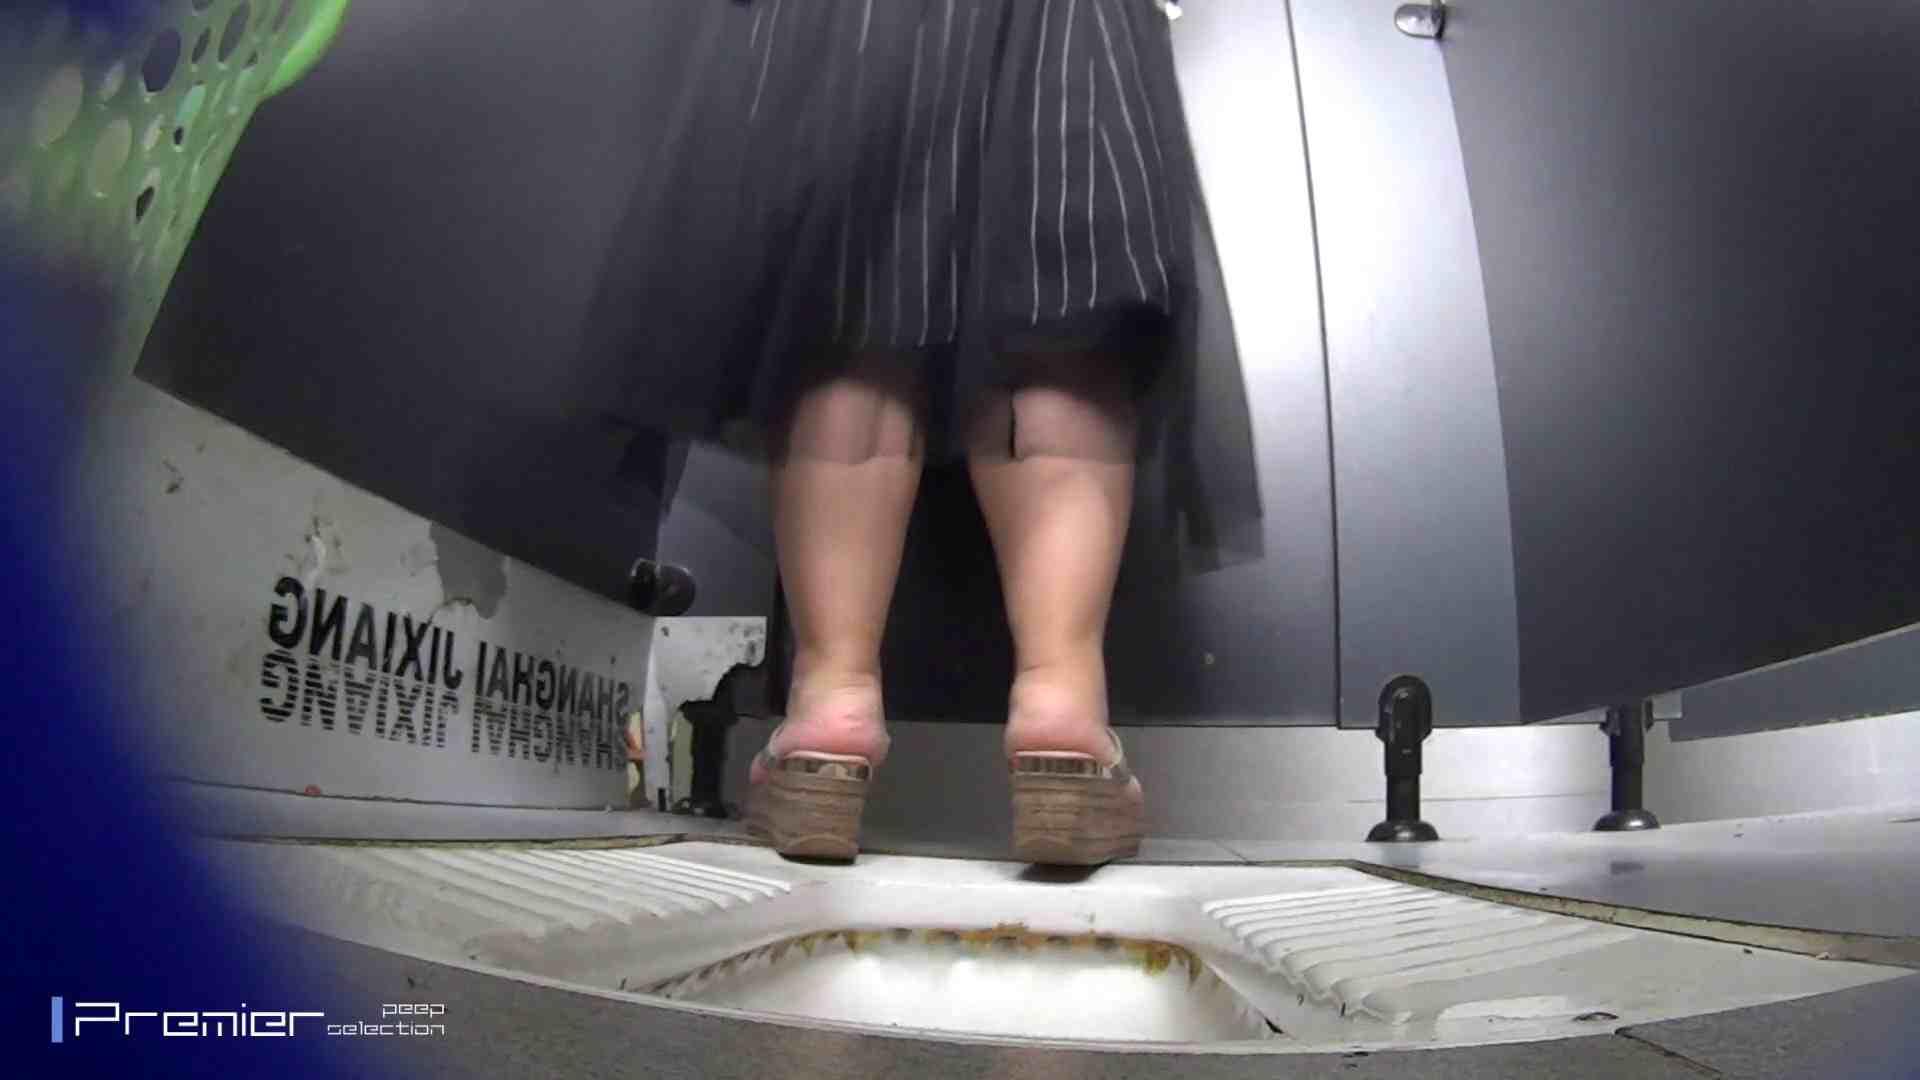 アダルトエロ動画|ポチャが多めの洗面所 大学休憩時間の洗面所事情45|怪盗ジョーカー